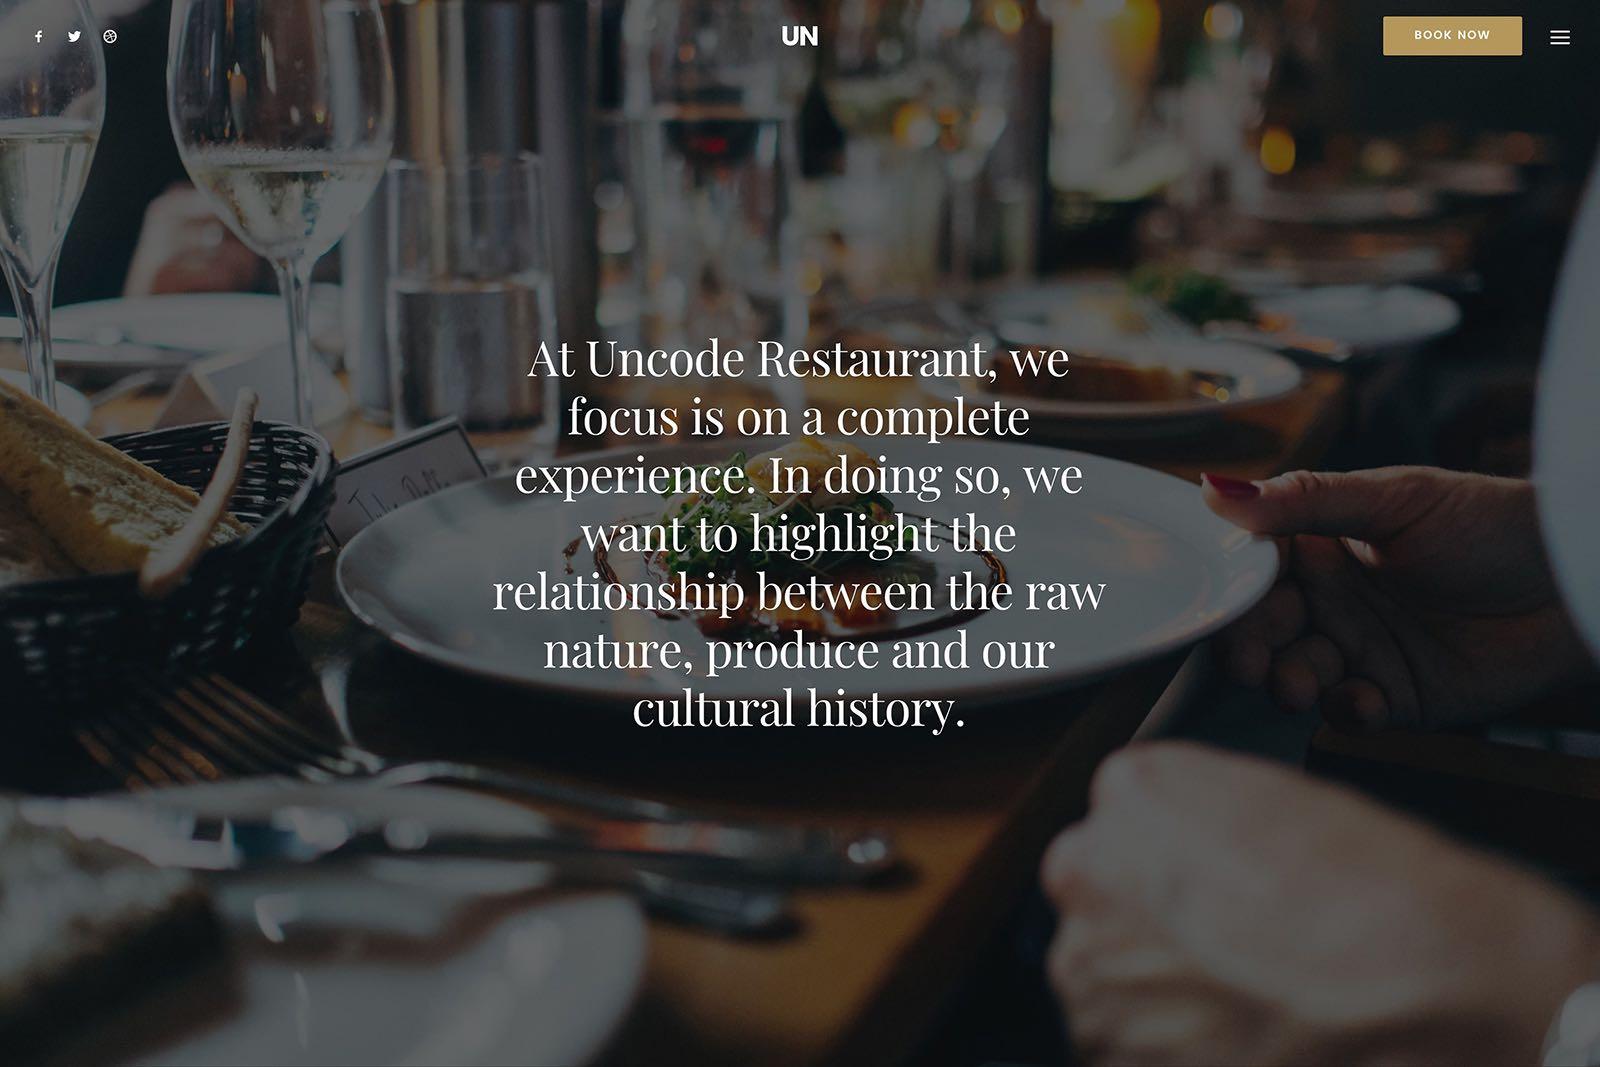 Classic Restaurant